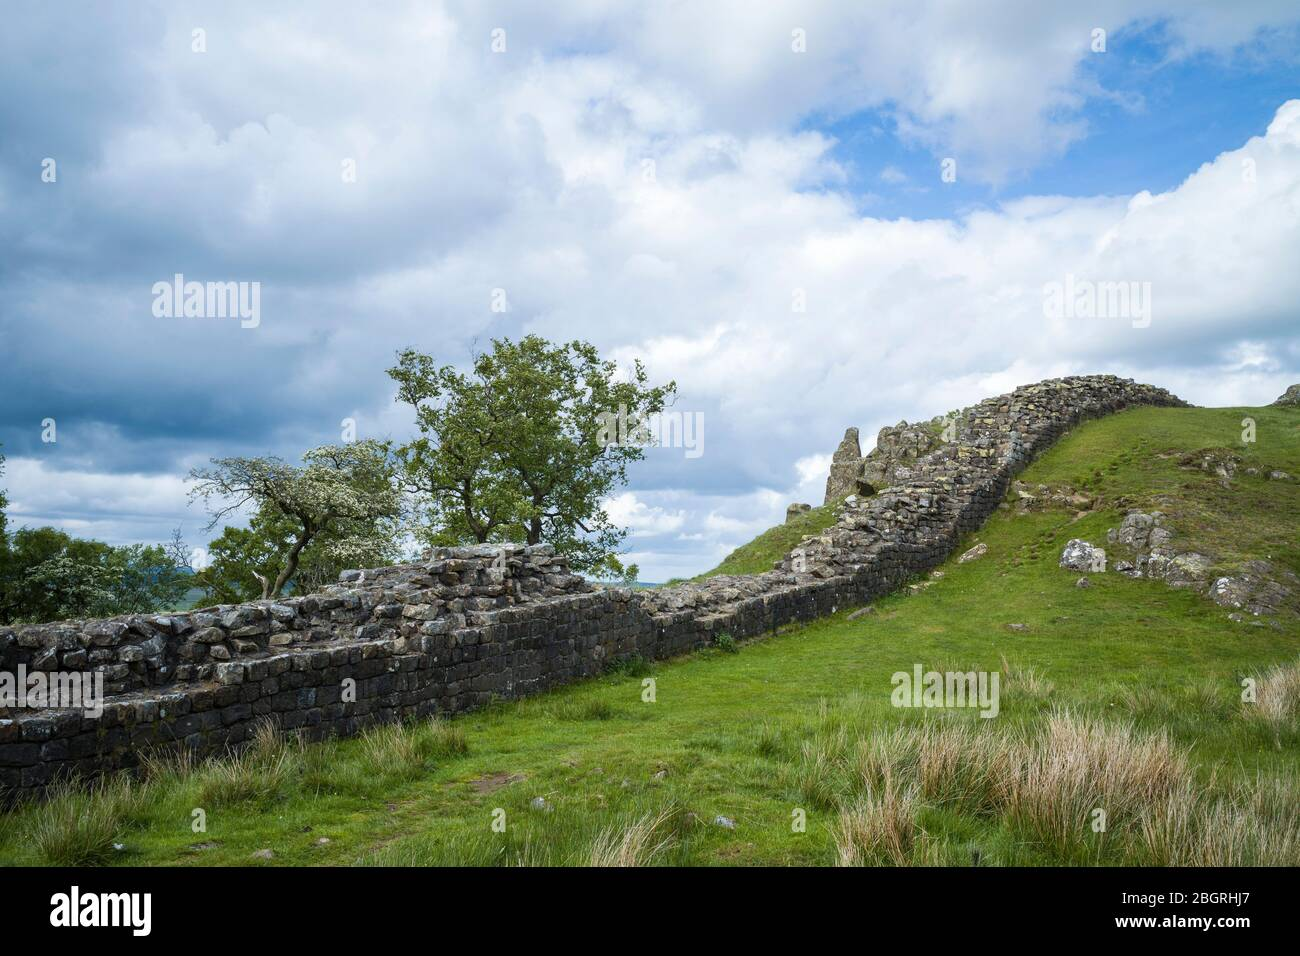 Muro de Adriano, límite de construcción de piedra en el Parque Nacional de Northumberland en Walltown Crags, Inglaterra Foto de stock